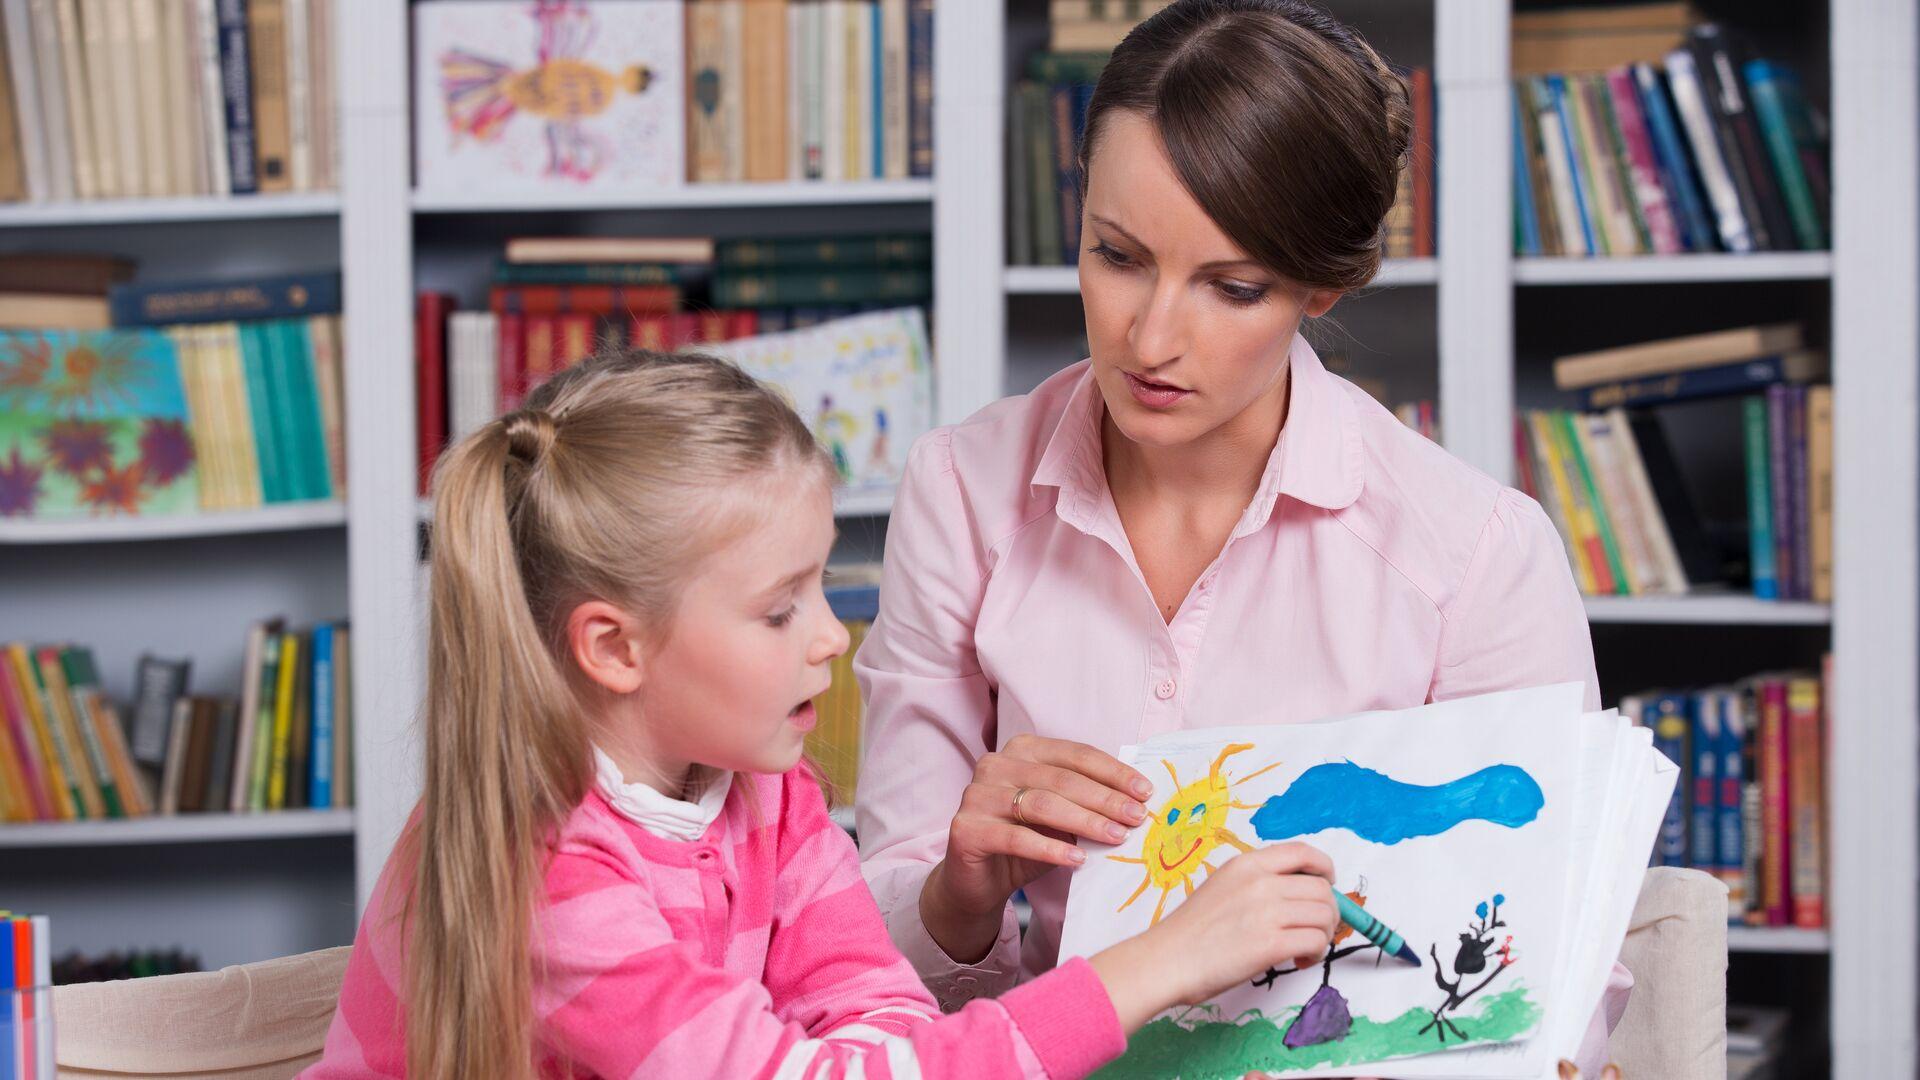 Детский психолог работает с ребенком - РИА Новости, 1920, 11.10.2021